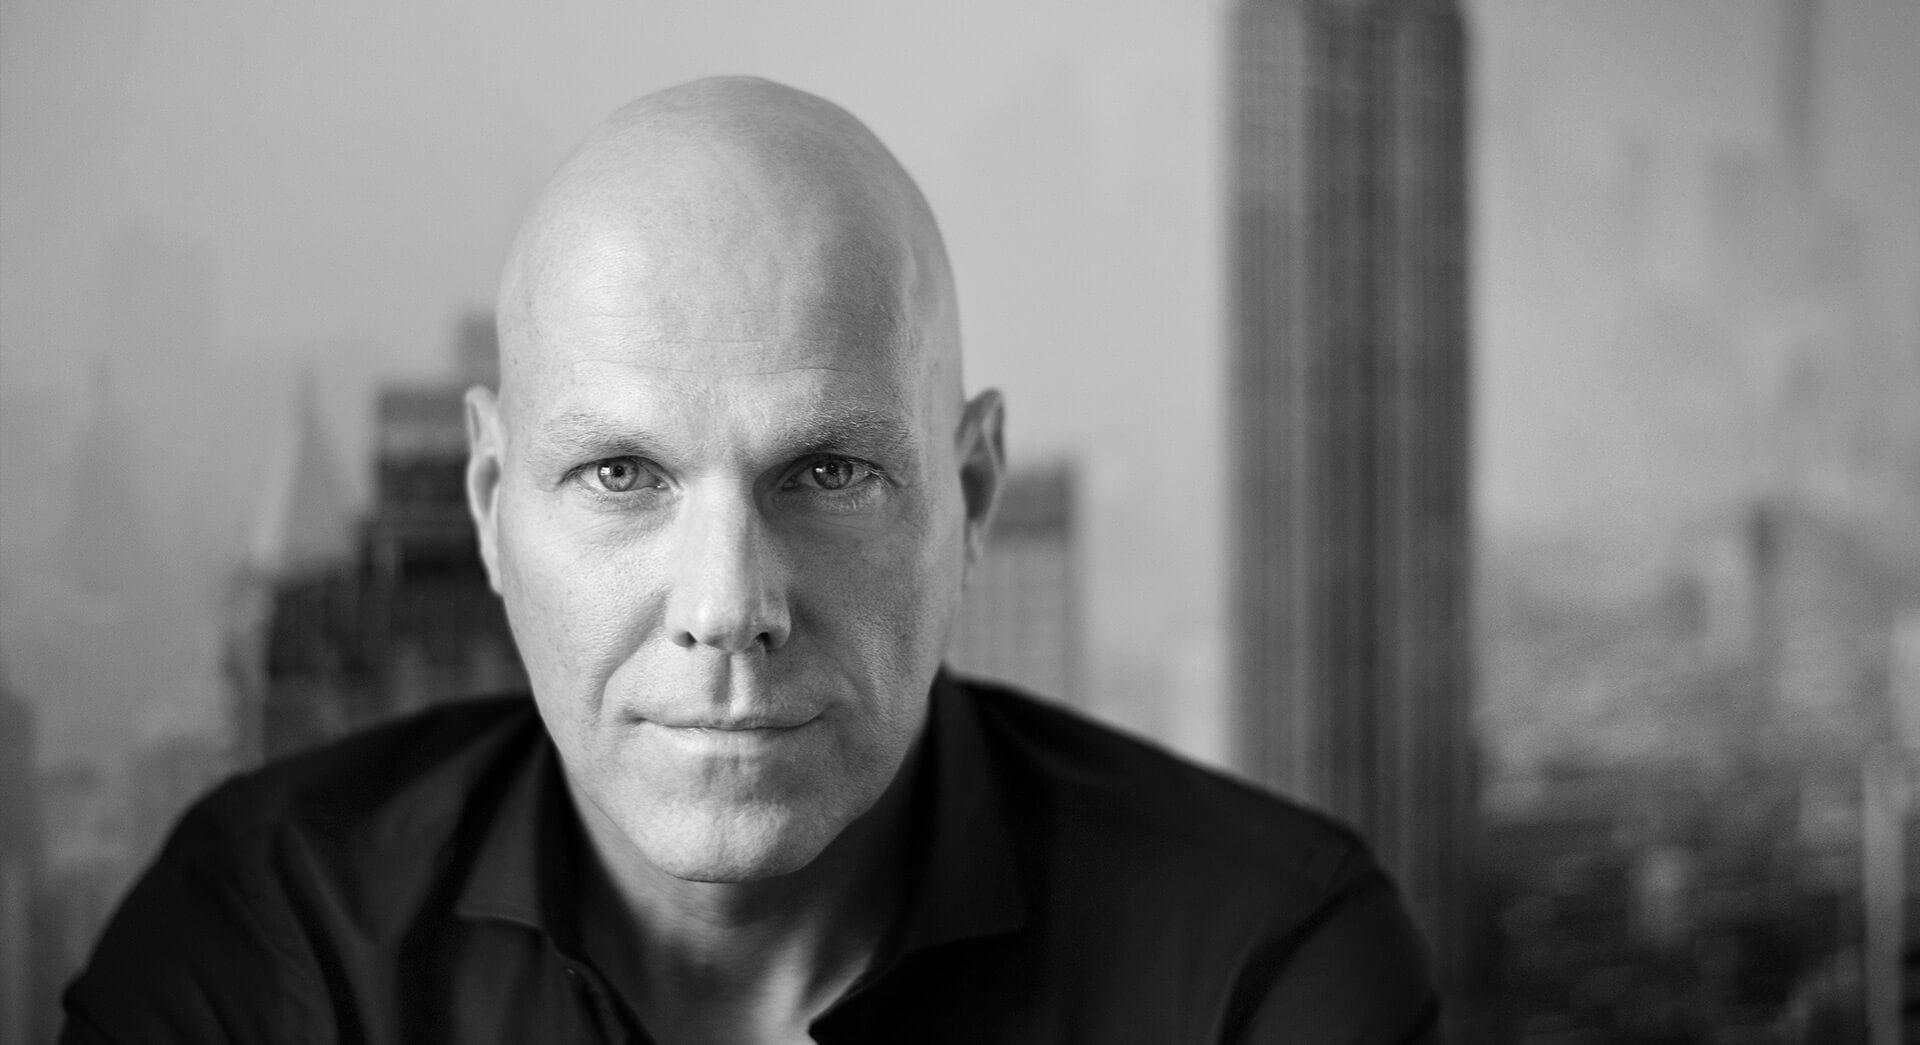 REINGOLD - Werbung für Menschen & Marken - Geschäftsführung - Henning Winter